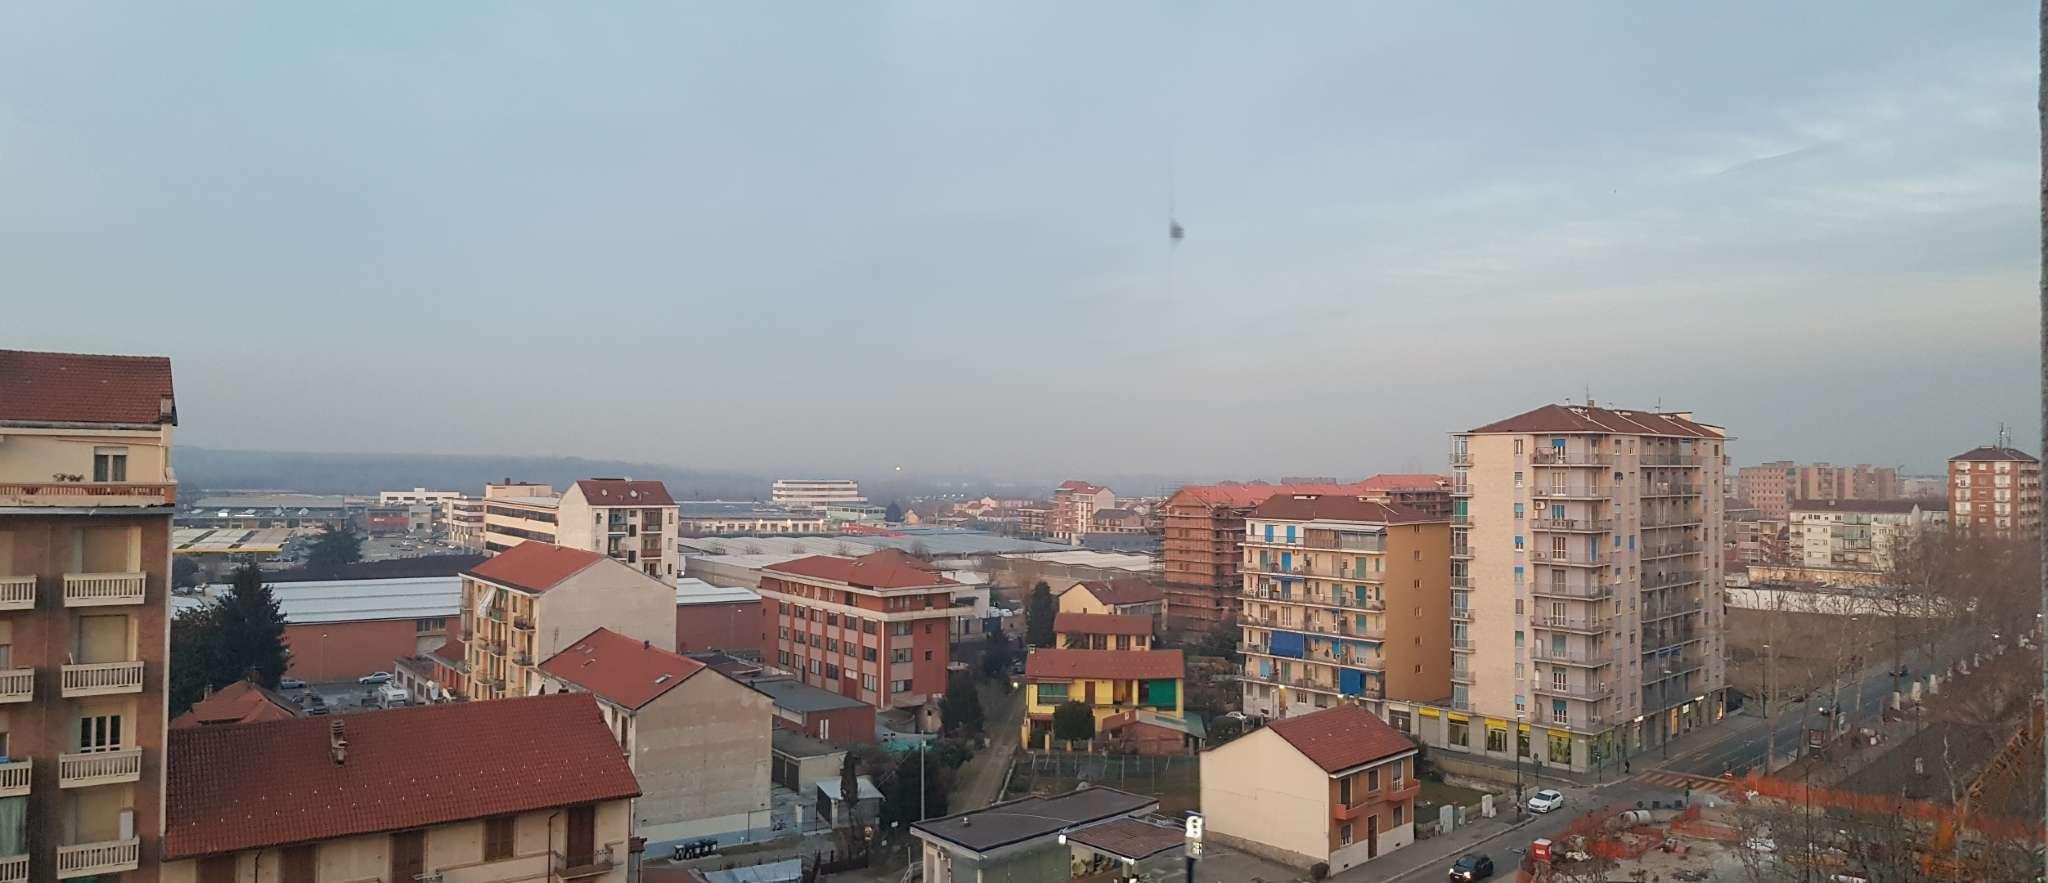 Appartamento in vendita Zona Madonna di Campagna, Borgo Vittoria... - corso Grosseto Torino